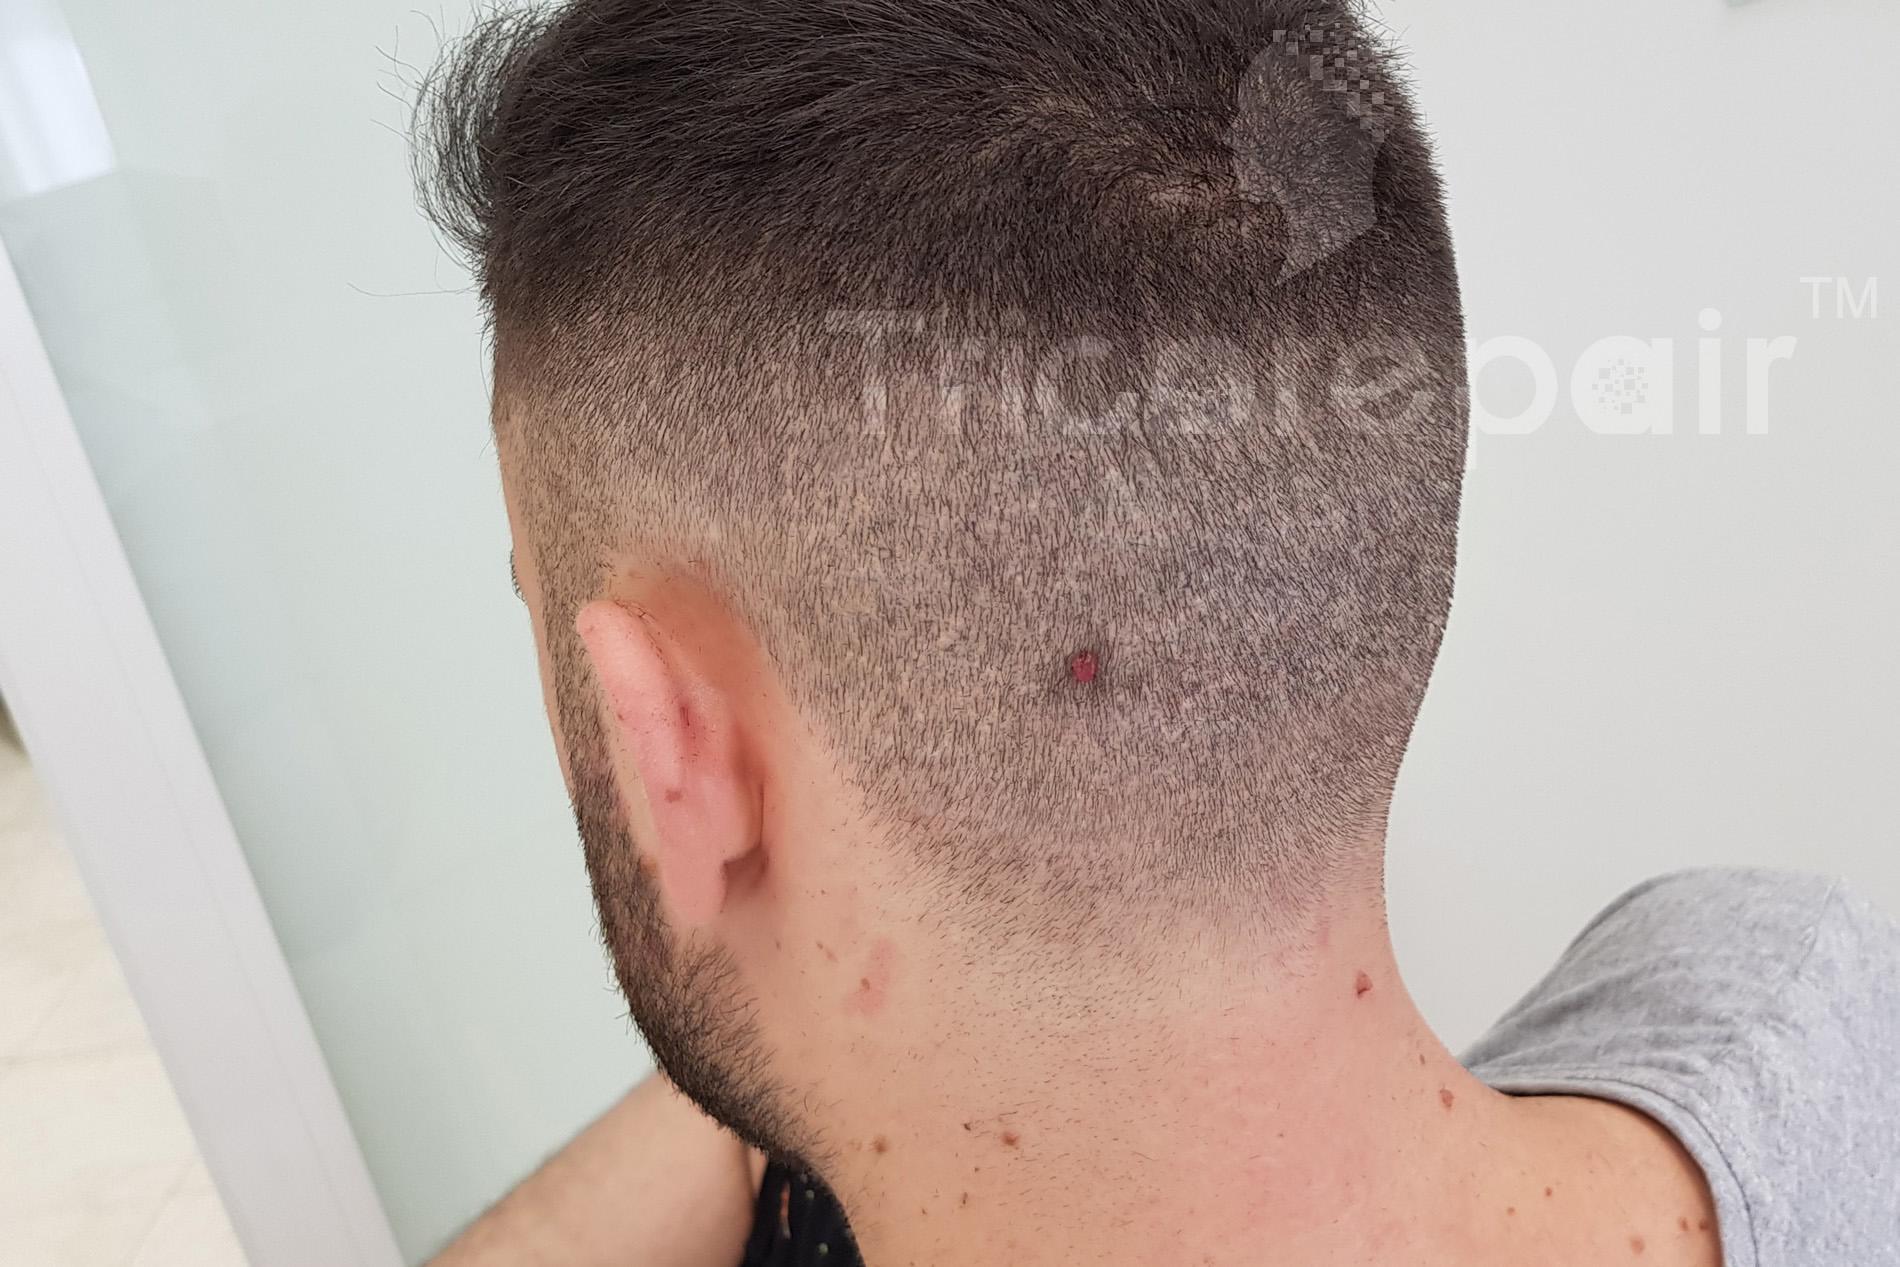 Camouflage cicatrice autotrapianto FUE - Dopo la tricopigmentazione